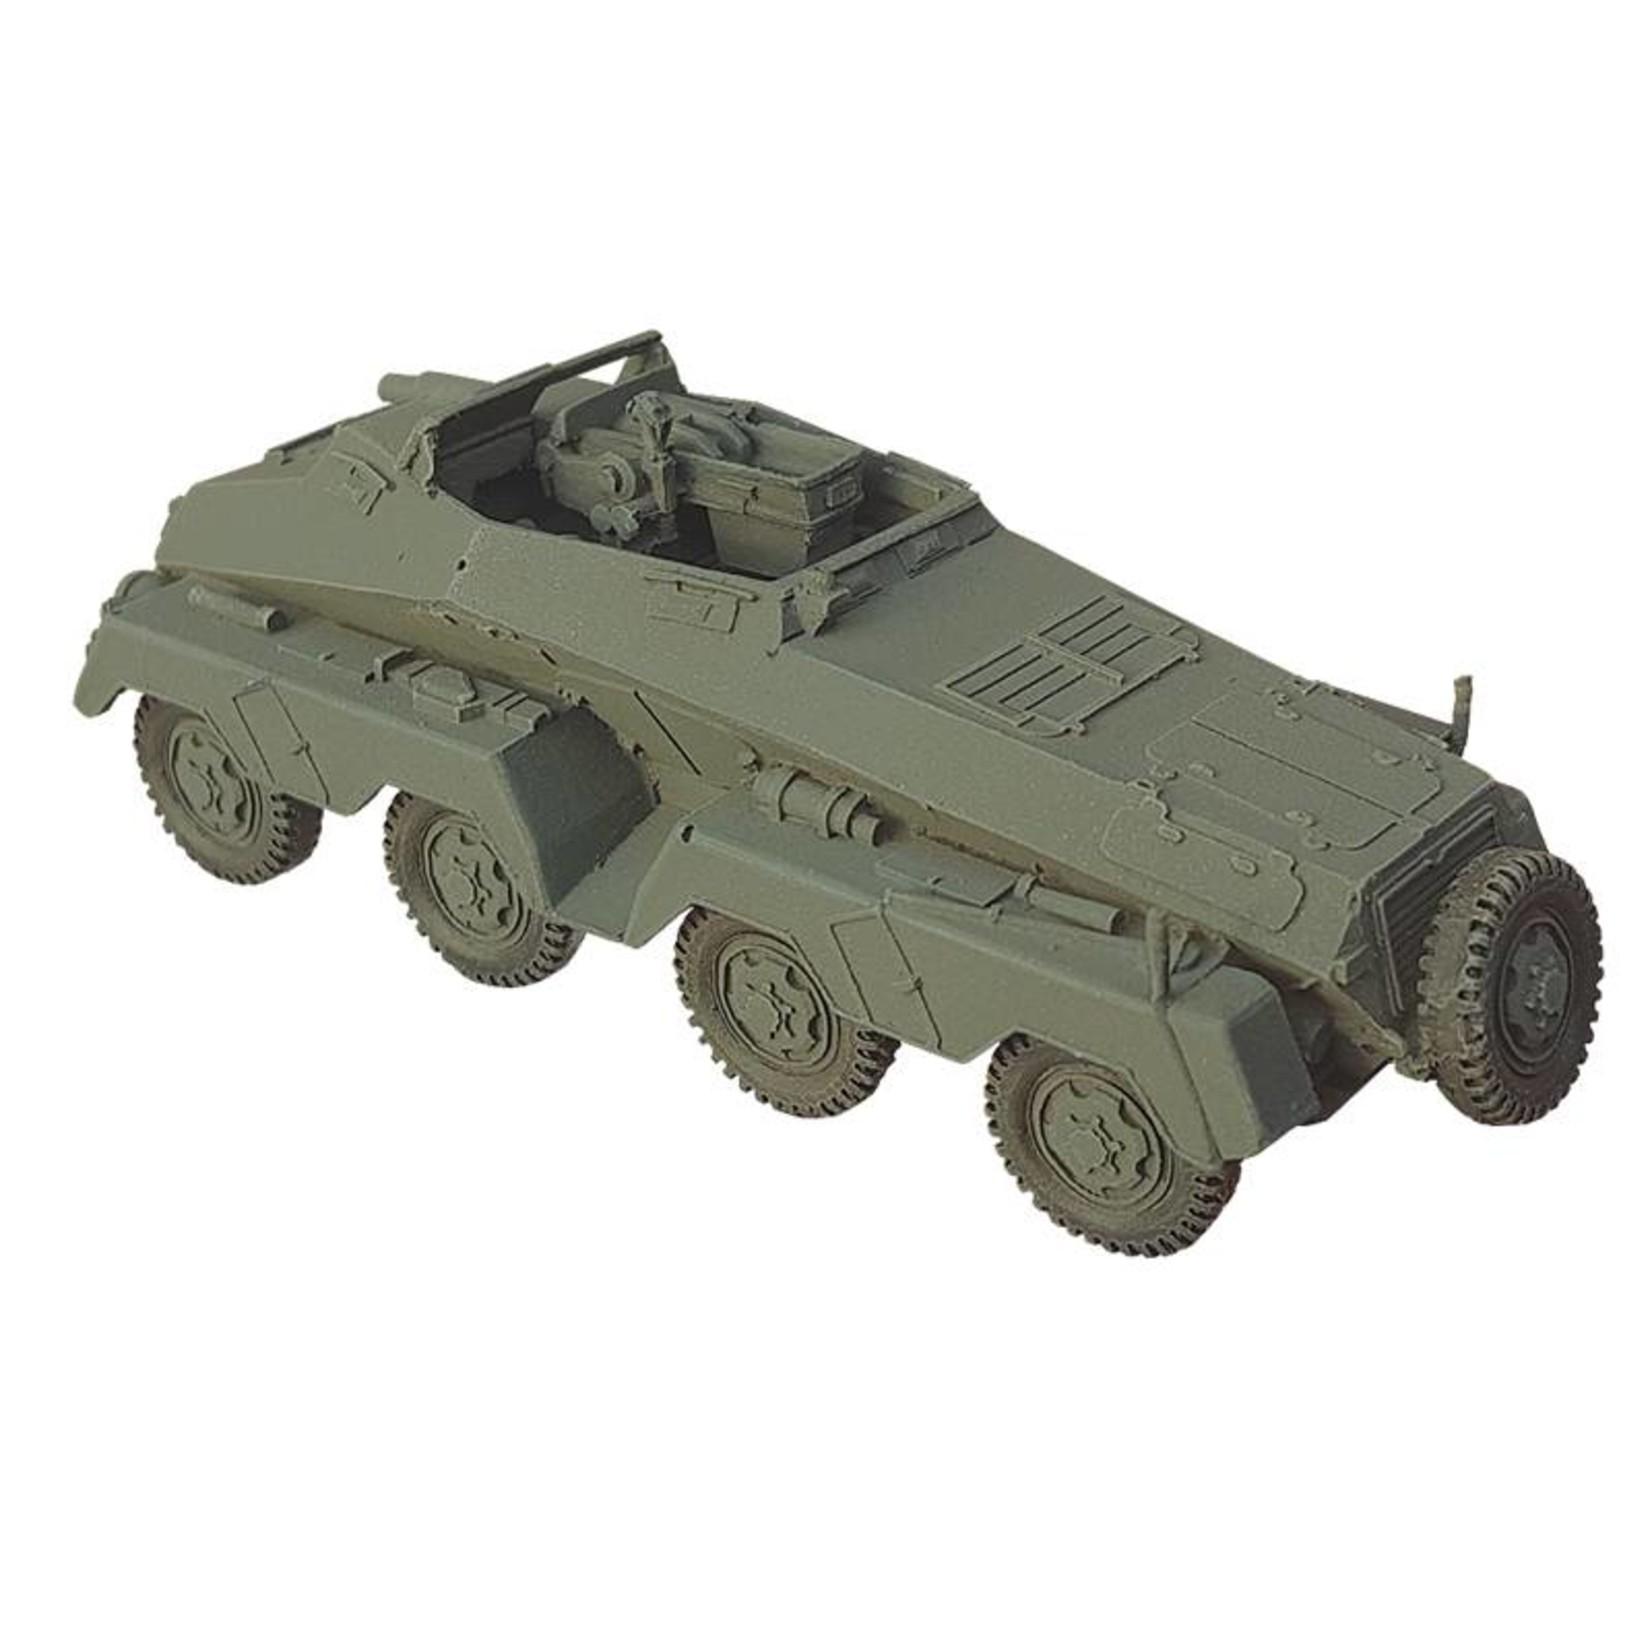 Sd.Kfz. 233 8-Rad 7,5 cm gun